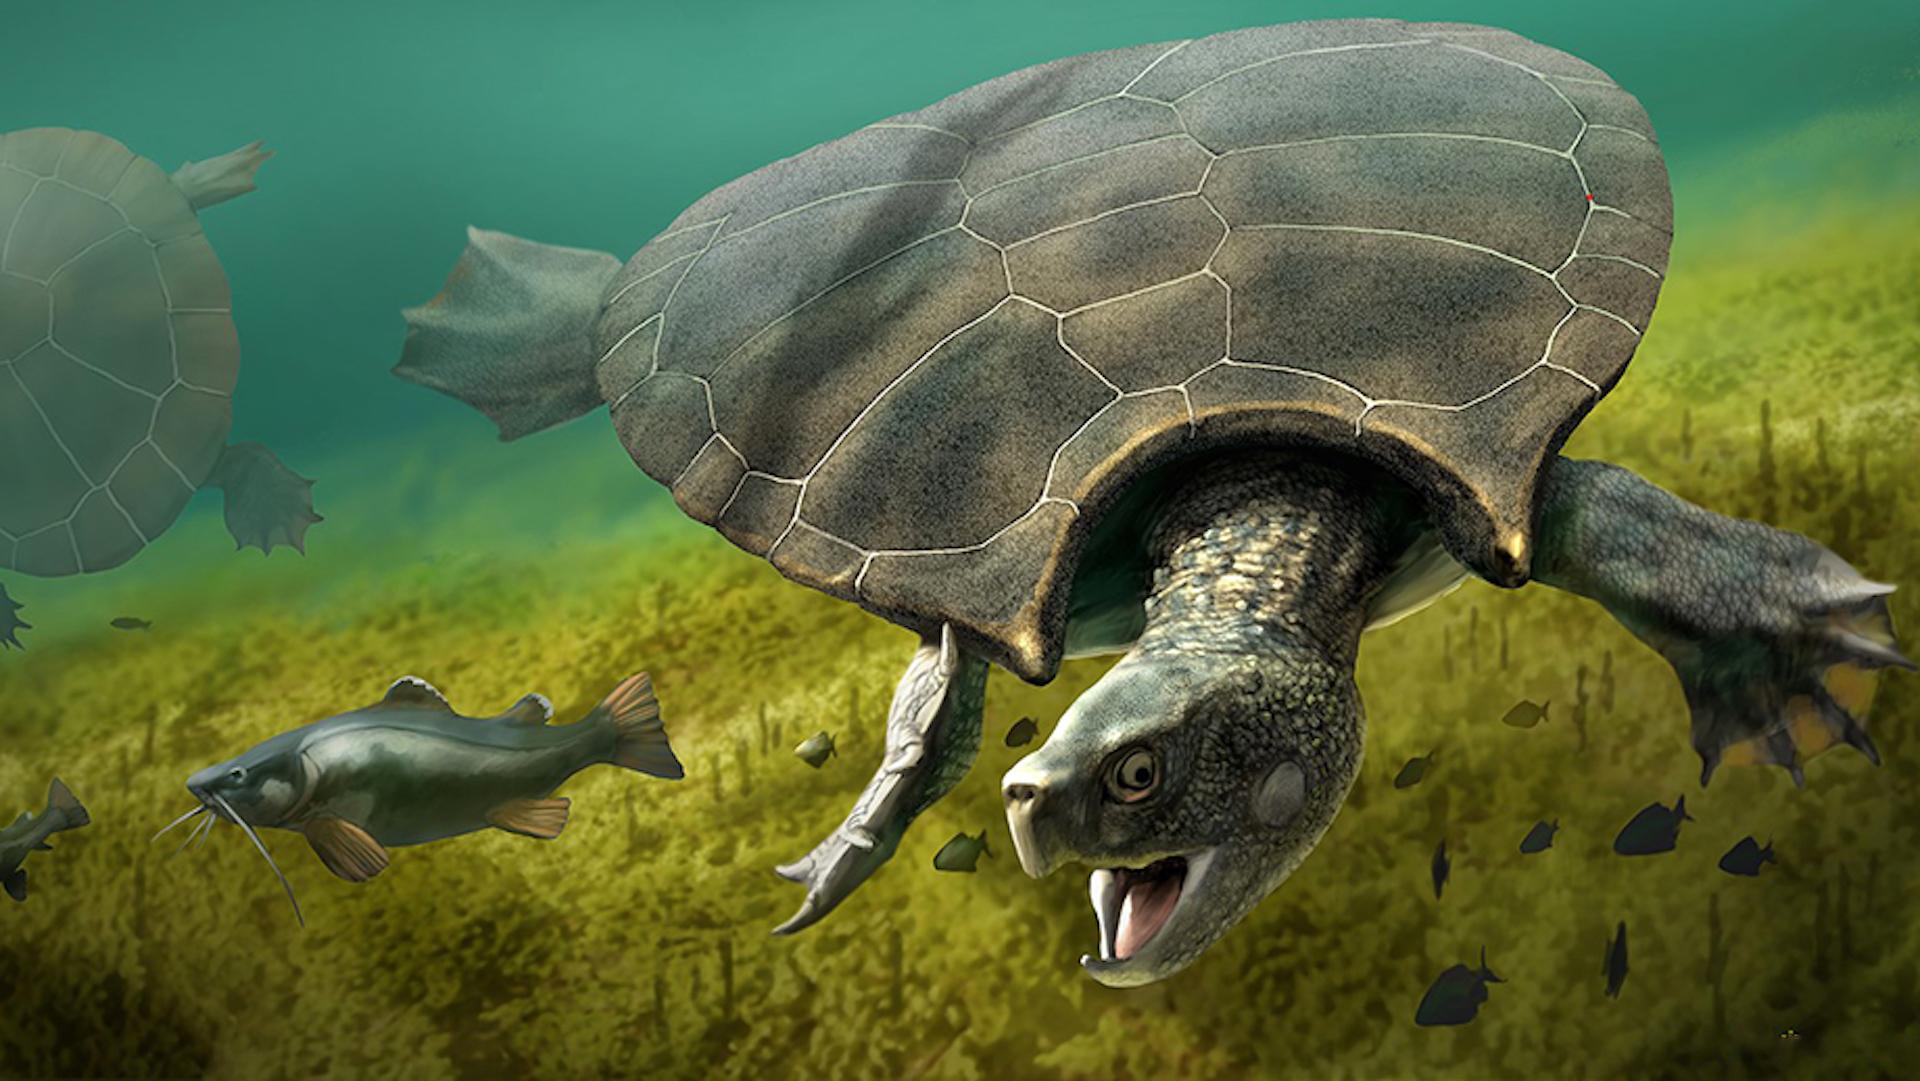 Descubren la tortuga más grande del mundo: 2.4 metros de caparazón